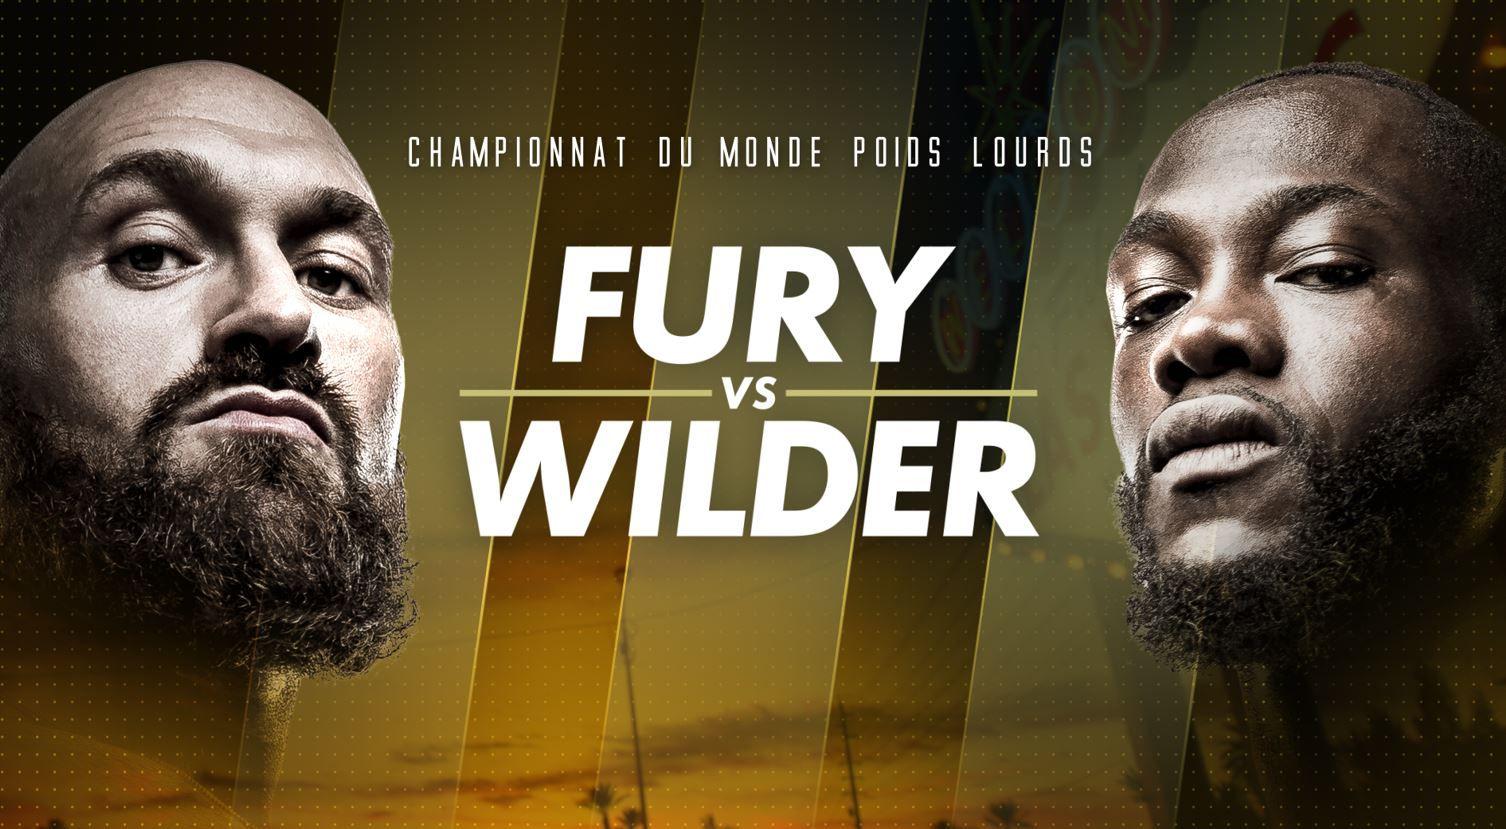 Reporté : Wilder vs Fury, en direct et en exclusivité sur Canal Plus le 24 juillet